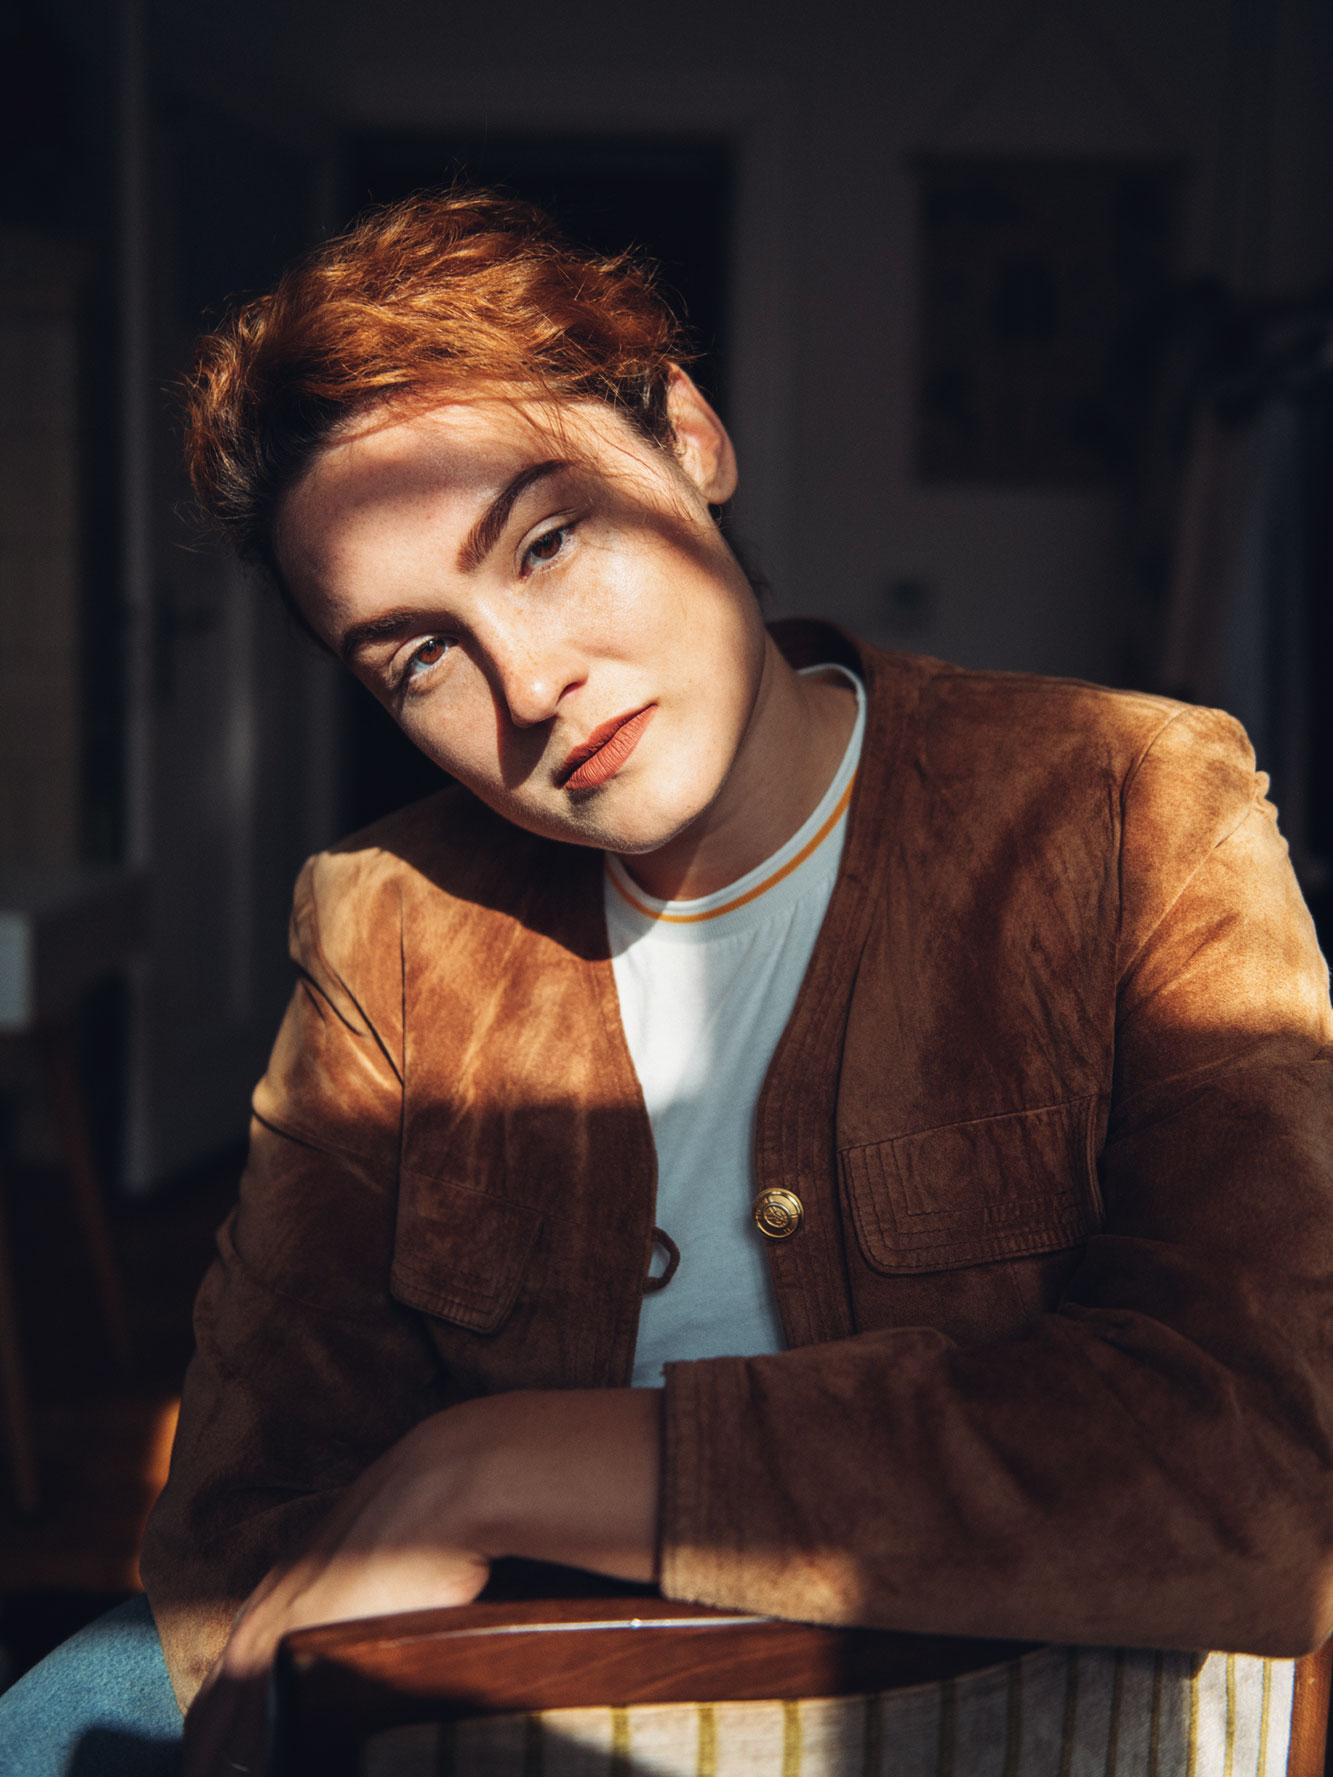 """Wie ich sechs Jahre gegen mein Bauchgefühl gearbeitet habe, um als """"richtige"""" Journalistin zu gelten. Foto © Melanie Ziggel #nein #sagen #lernen #selbstvertrauen #bauchgefühl #freiheit #arbeit #beruf"""